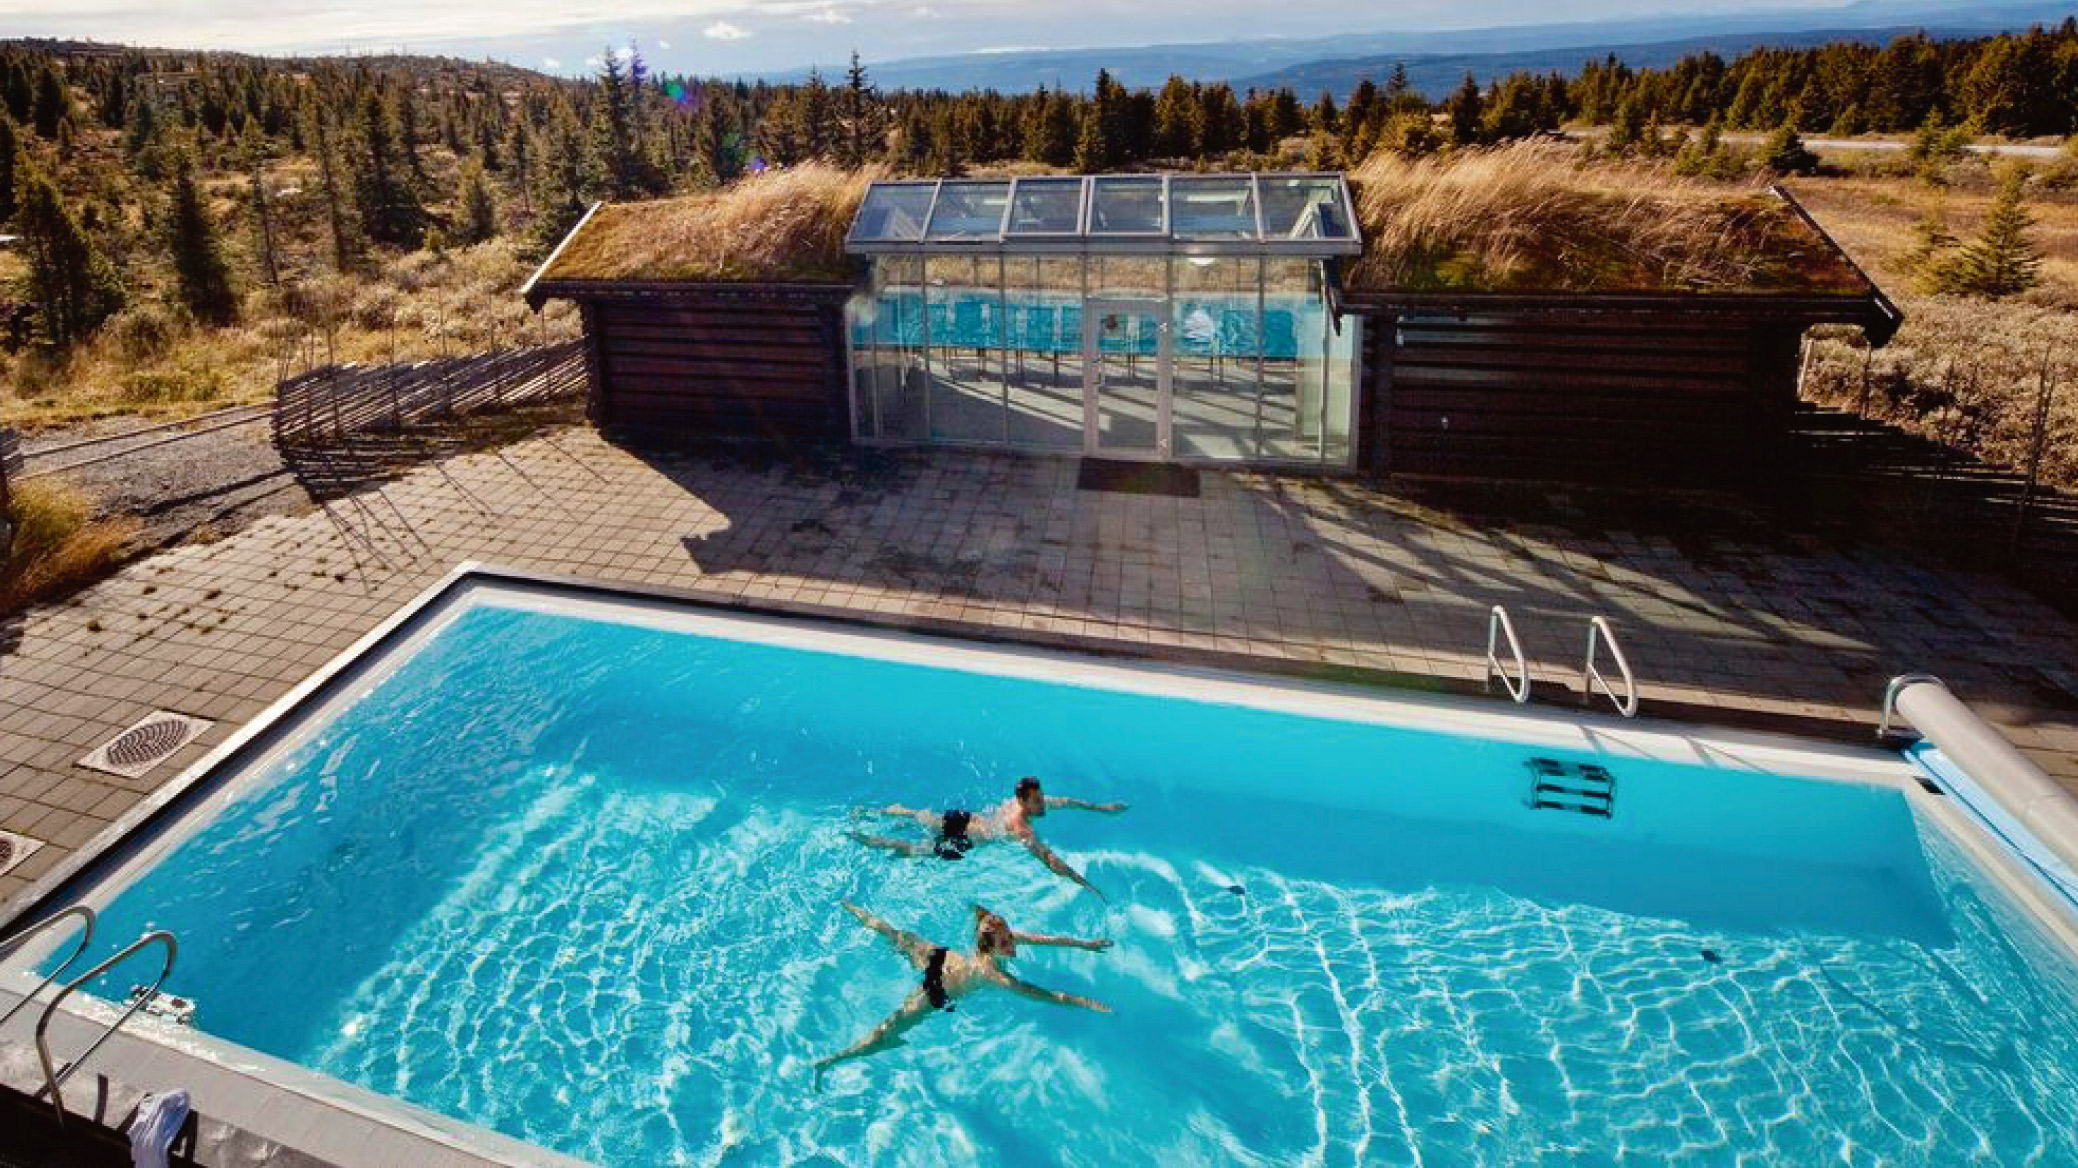 Par som svømmer i et utendørs basseng på fjellet. En super gave til brudeparet 2017.